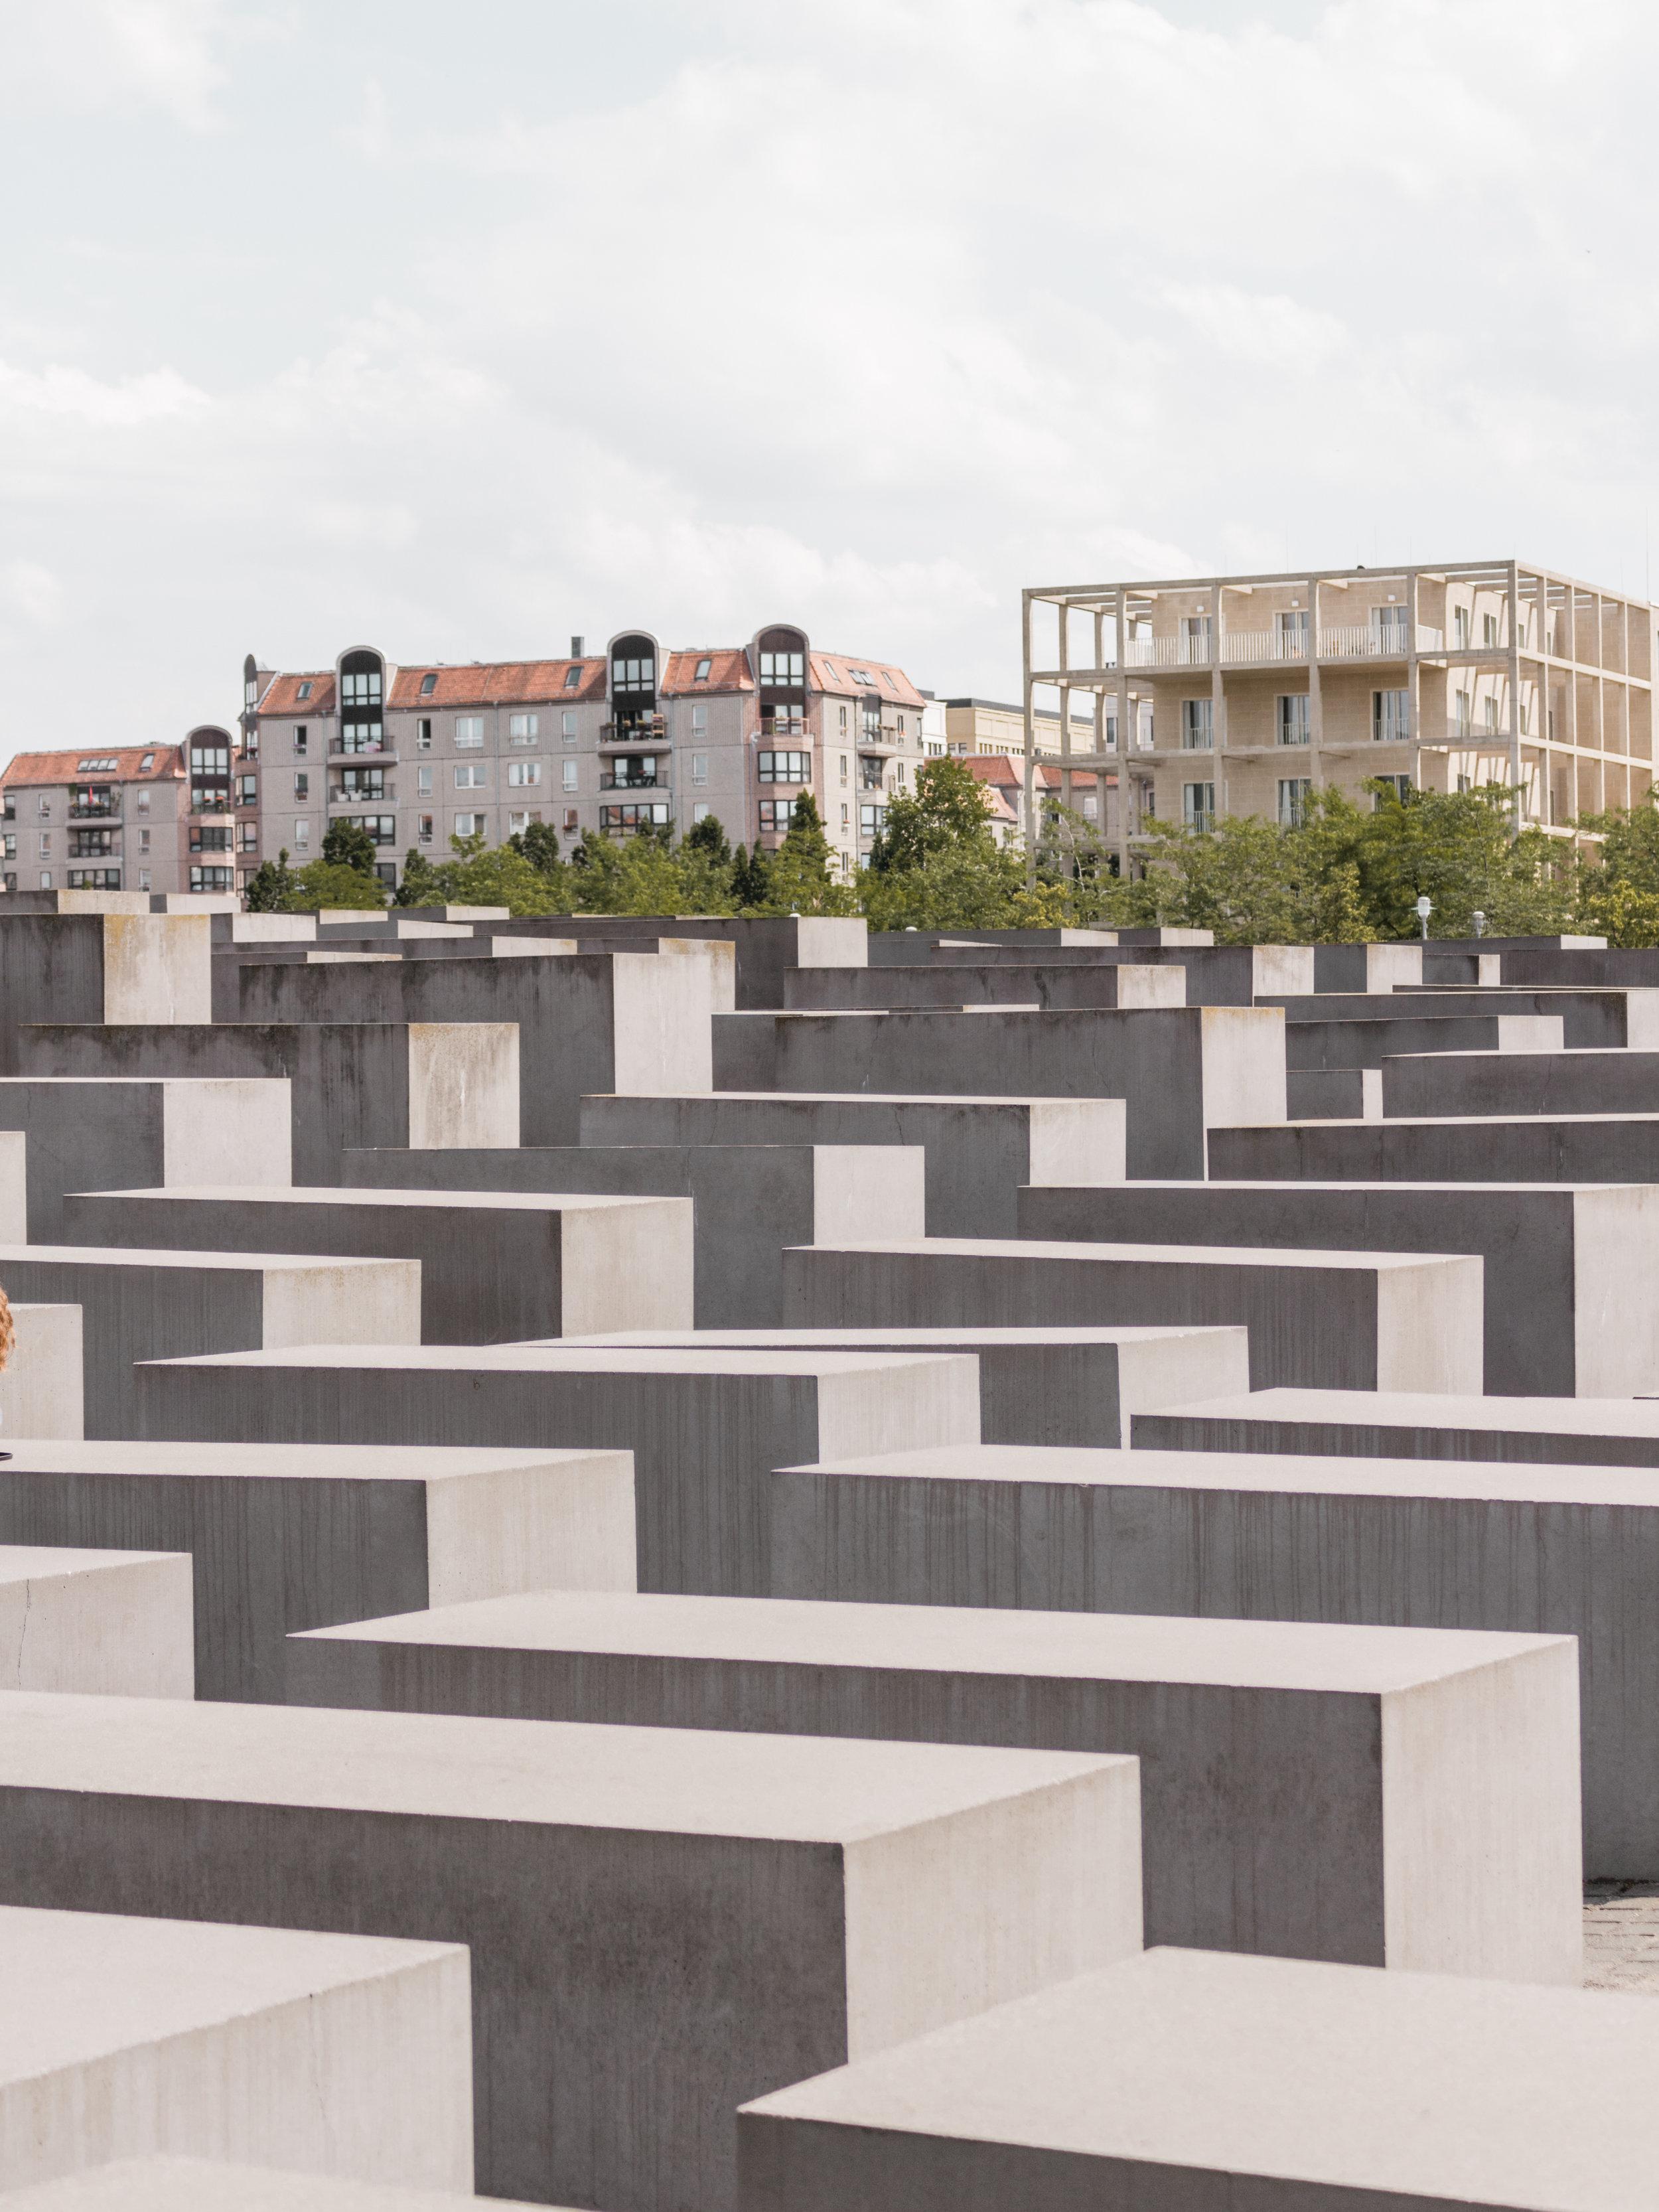 Memorial aux juifs assassinés d'Europe